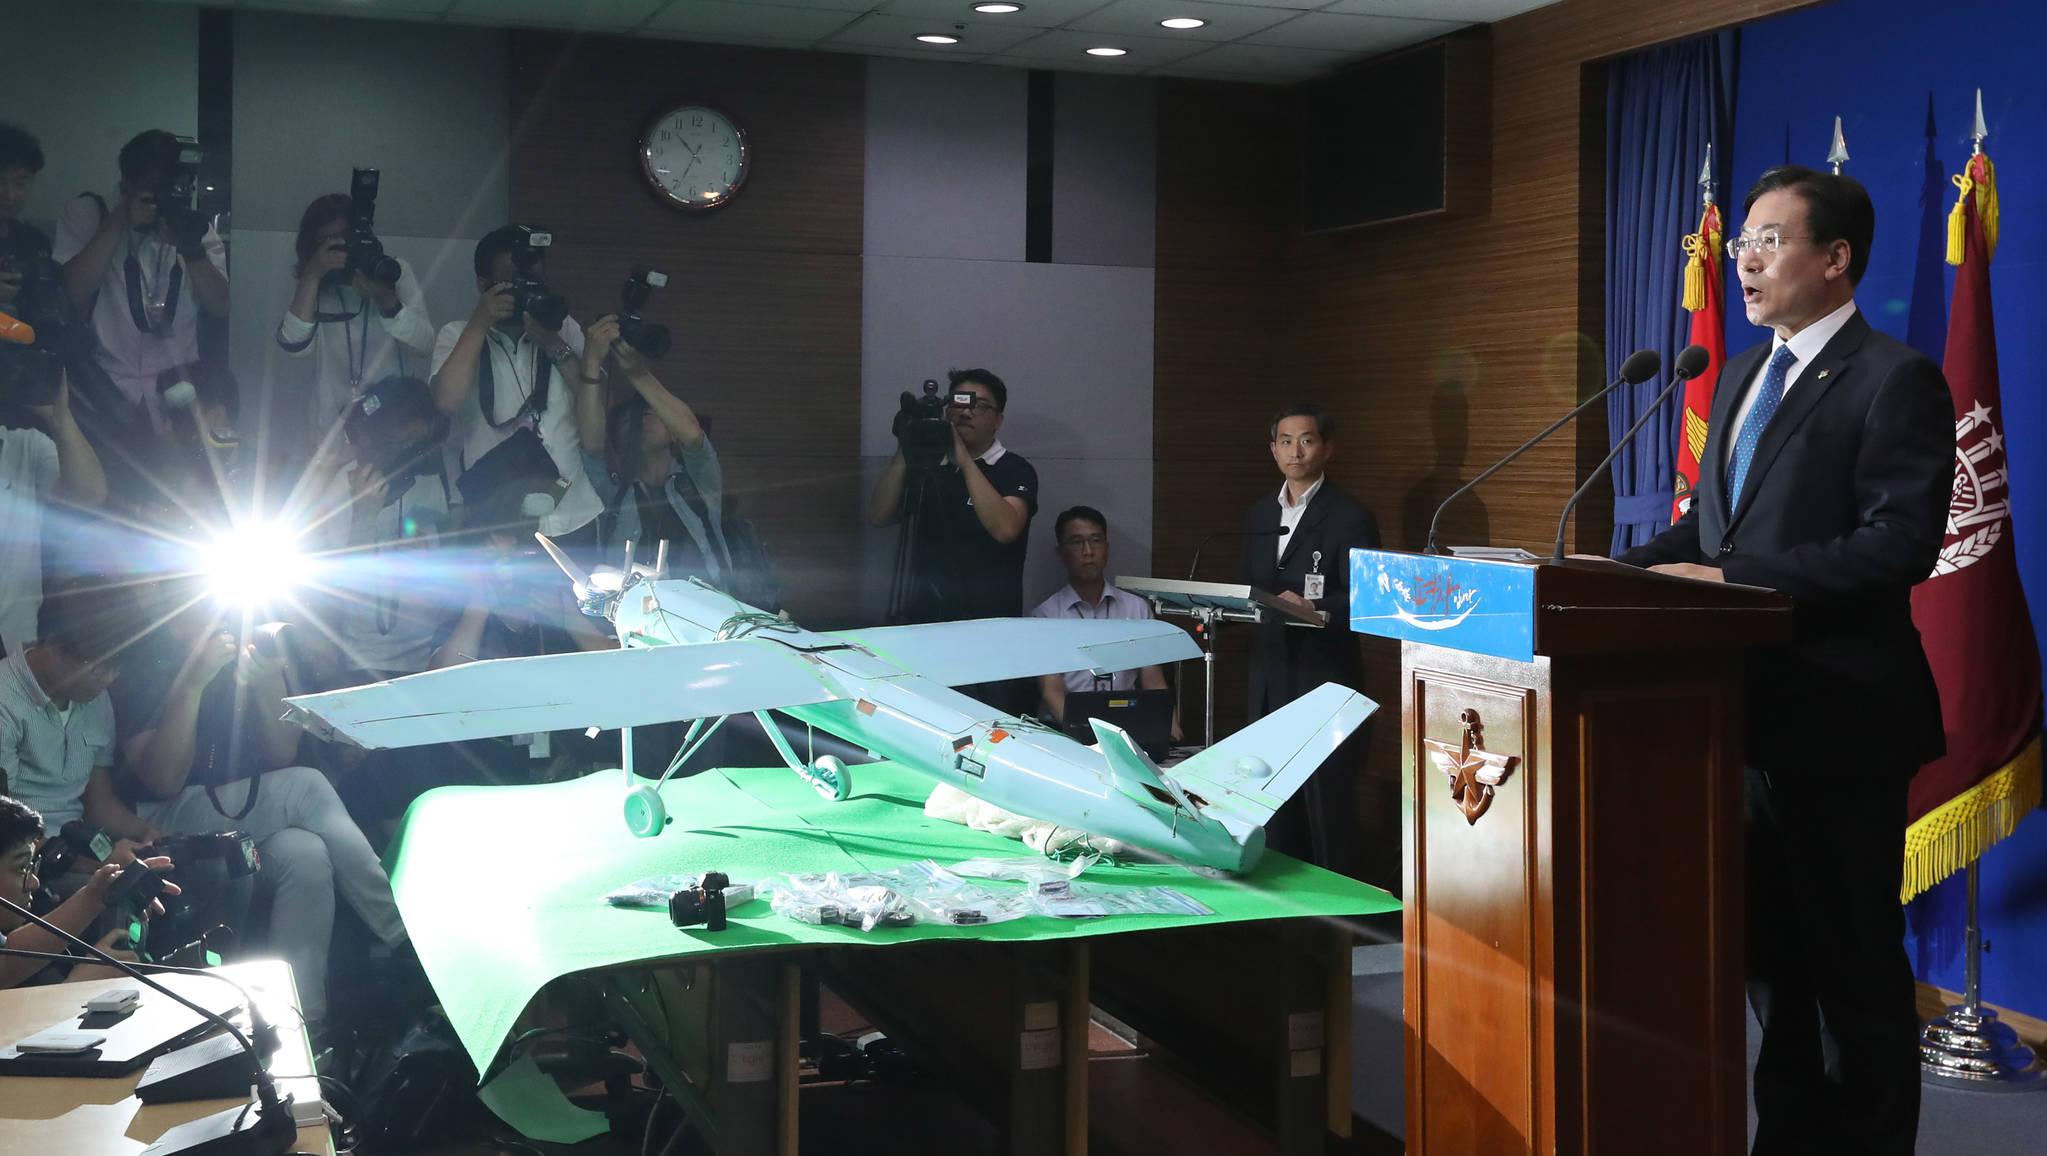 문상균 국방부 대변인이 21일 서울 국방부 청사브리핑룸에서 북한 소형 무인기 조사 결과를 발표하고 있다. 김경록 기자